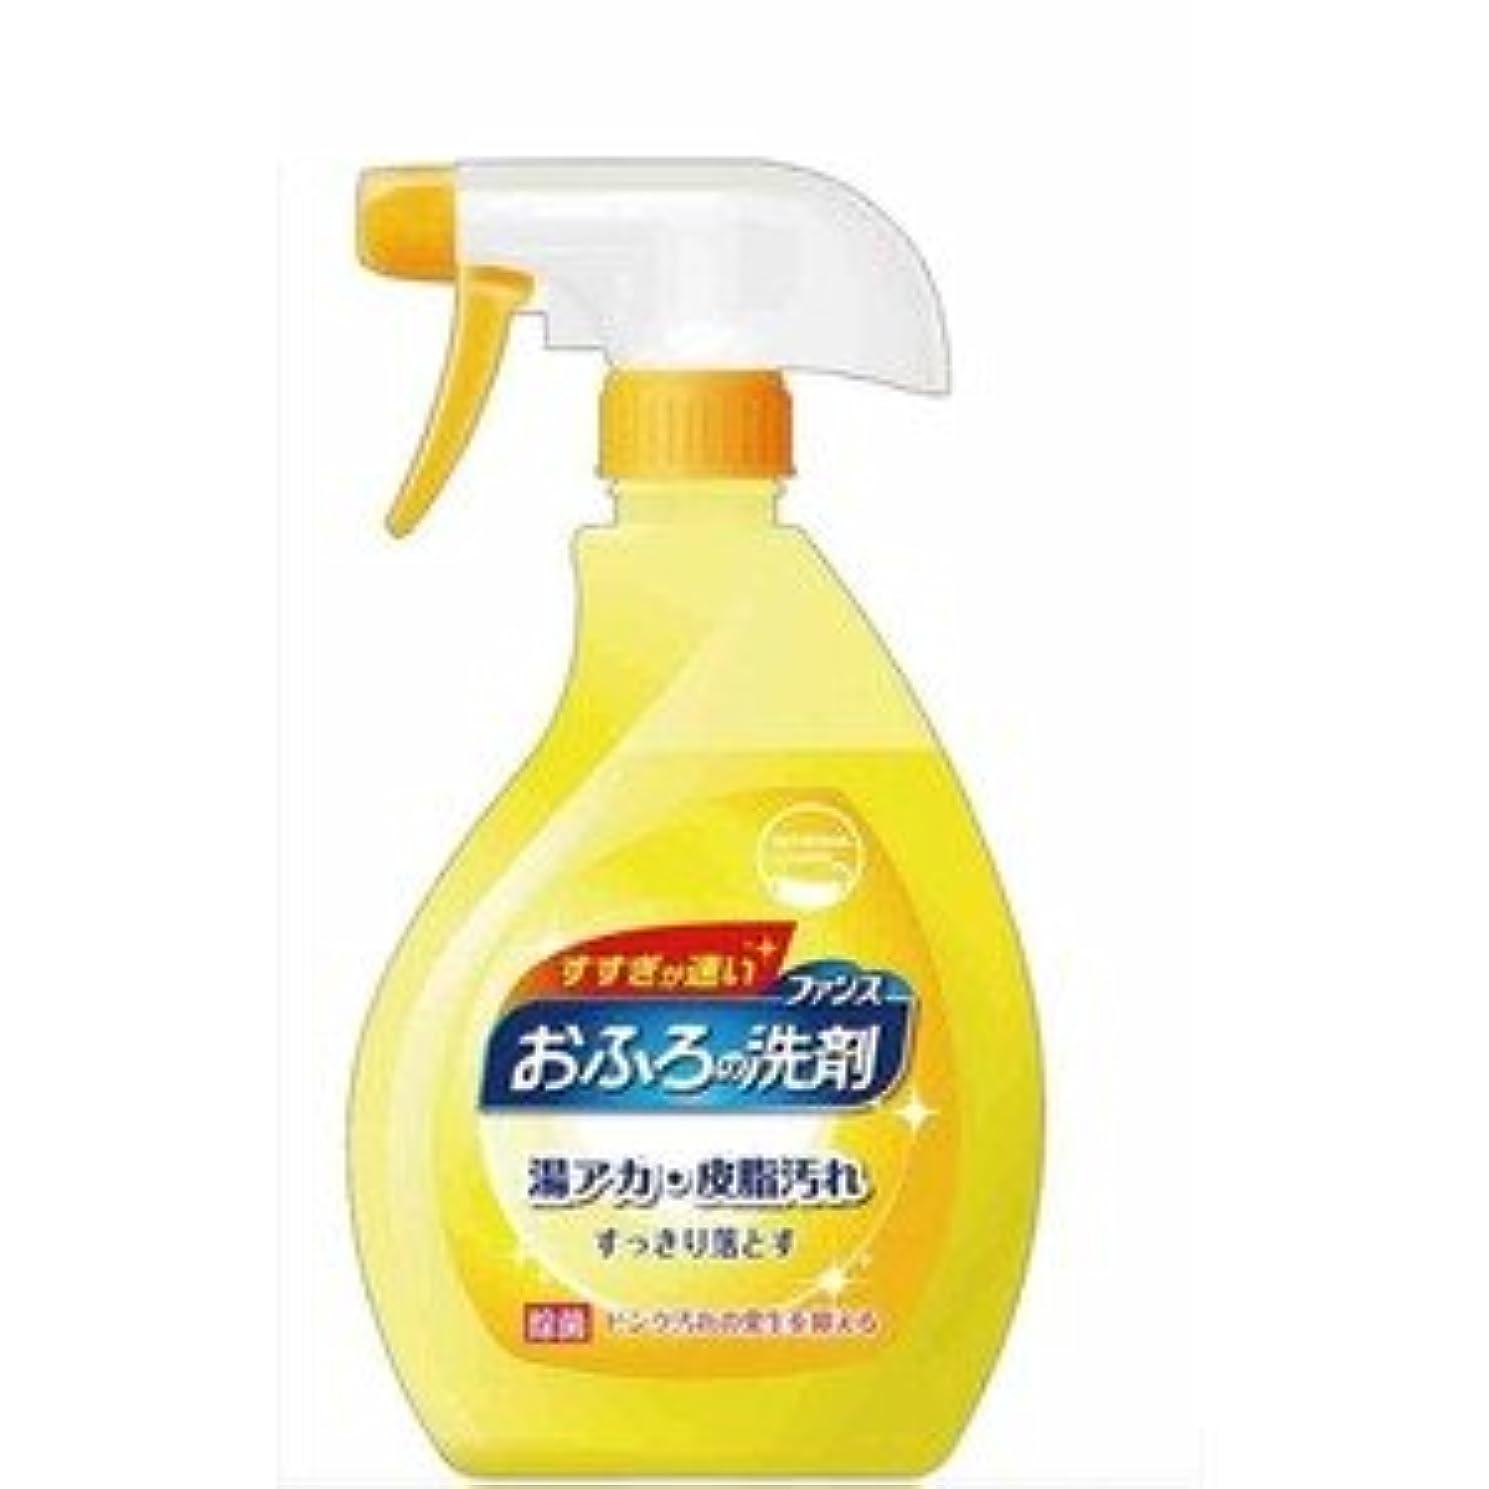 固執重要召喚するルファンスおふろの洗剤オレンジミント本体380ml 46-238 【120個セット】